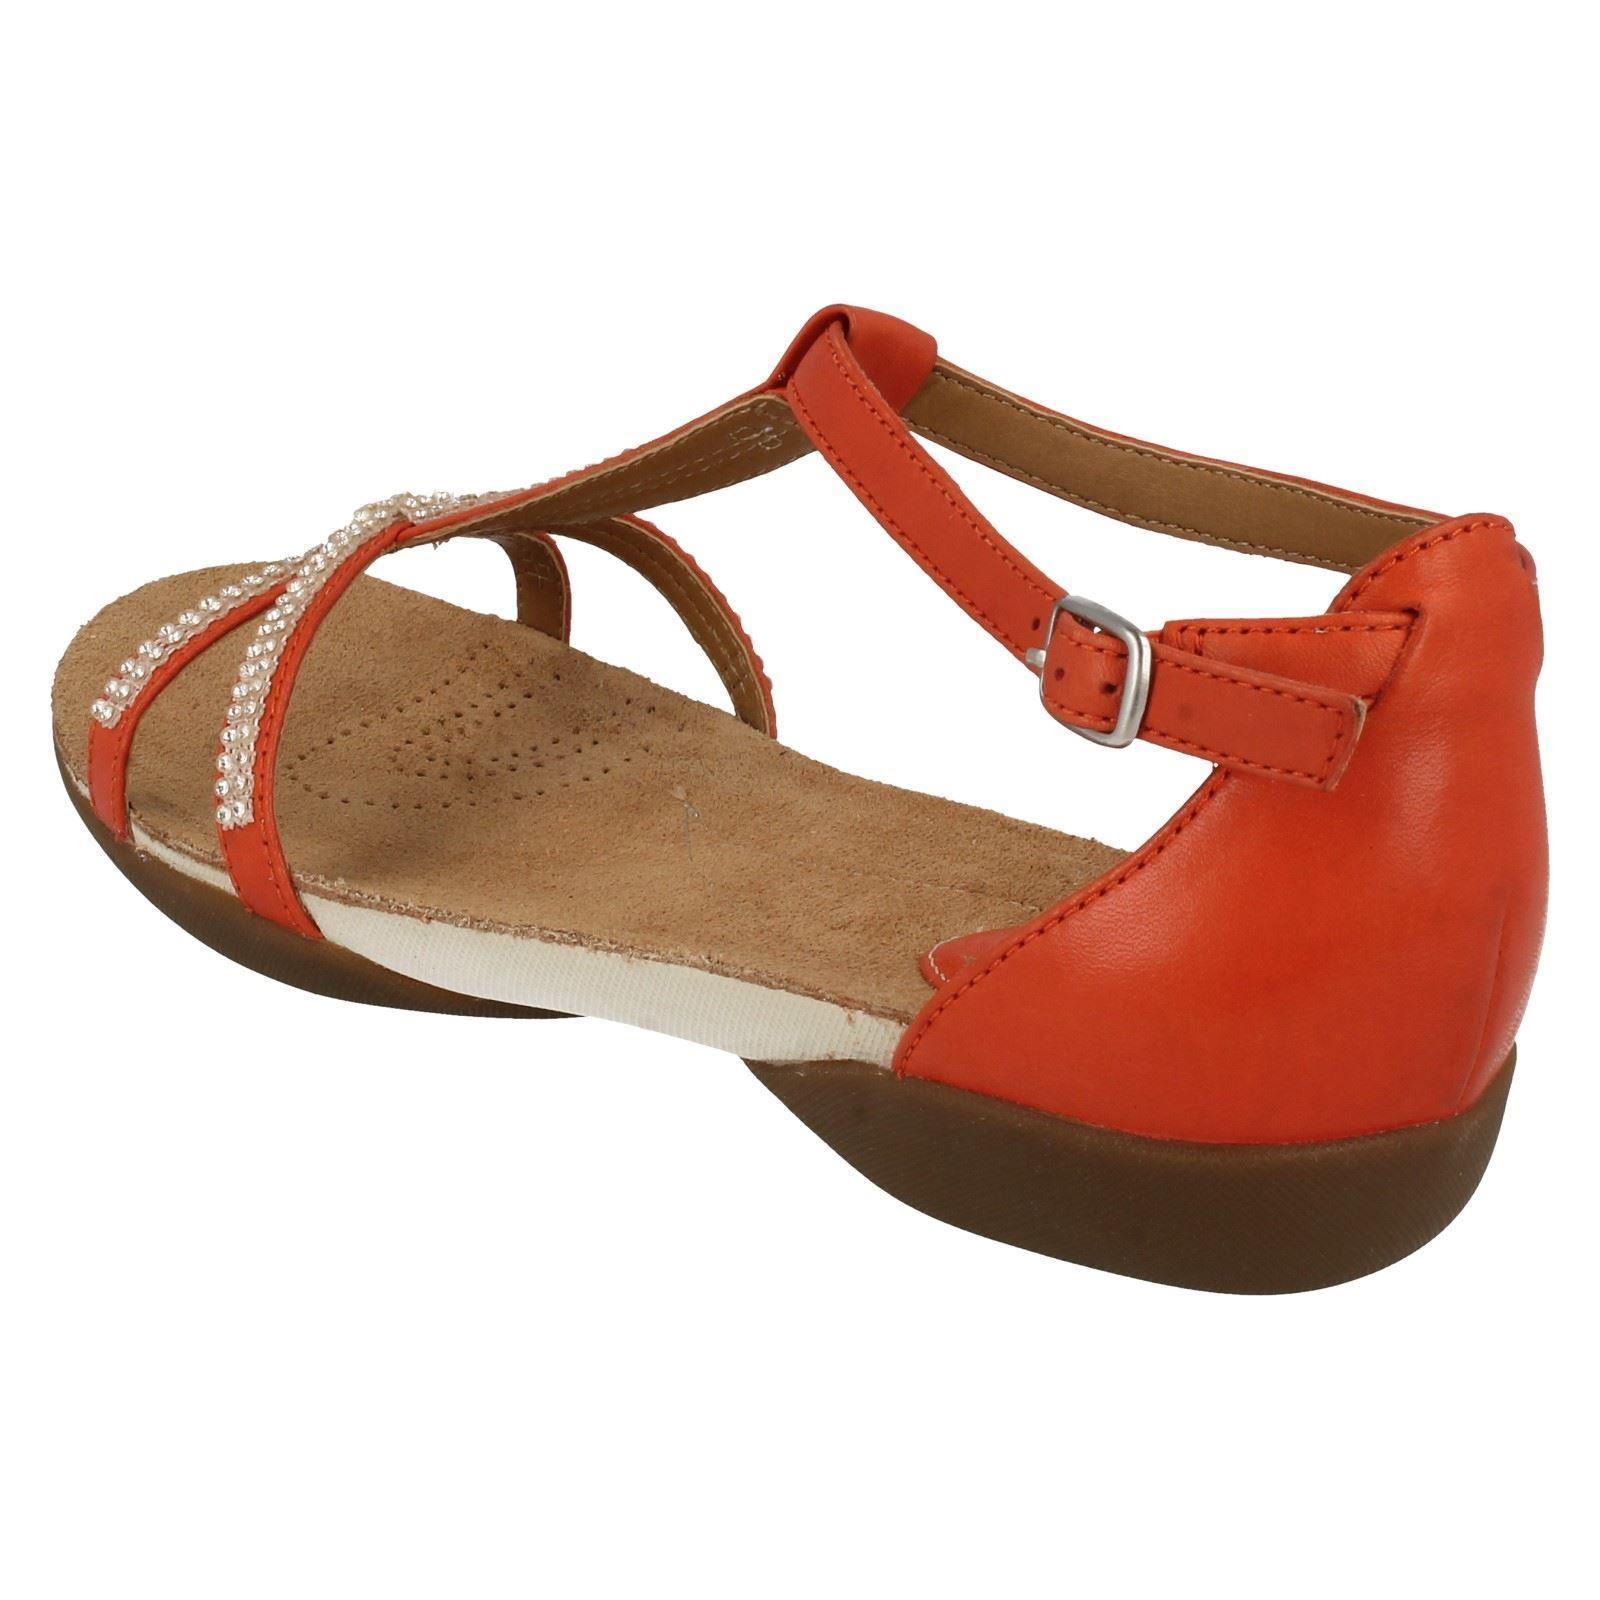 Ladies Clarks Summer Sandals Raffi Star Ebay